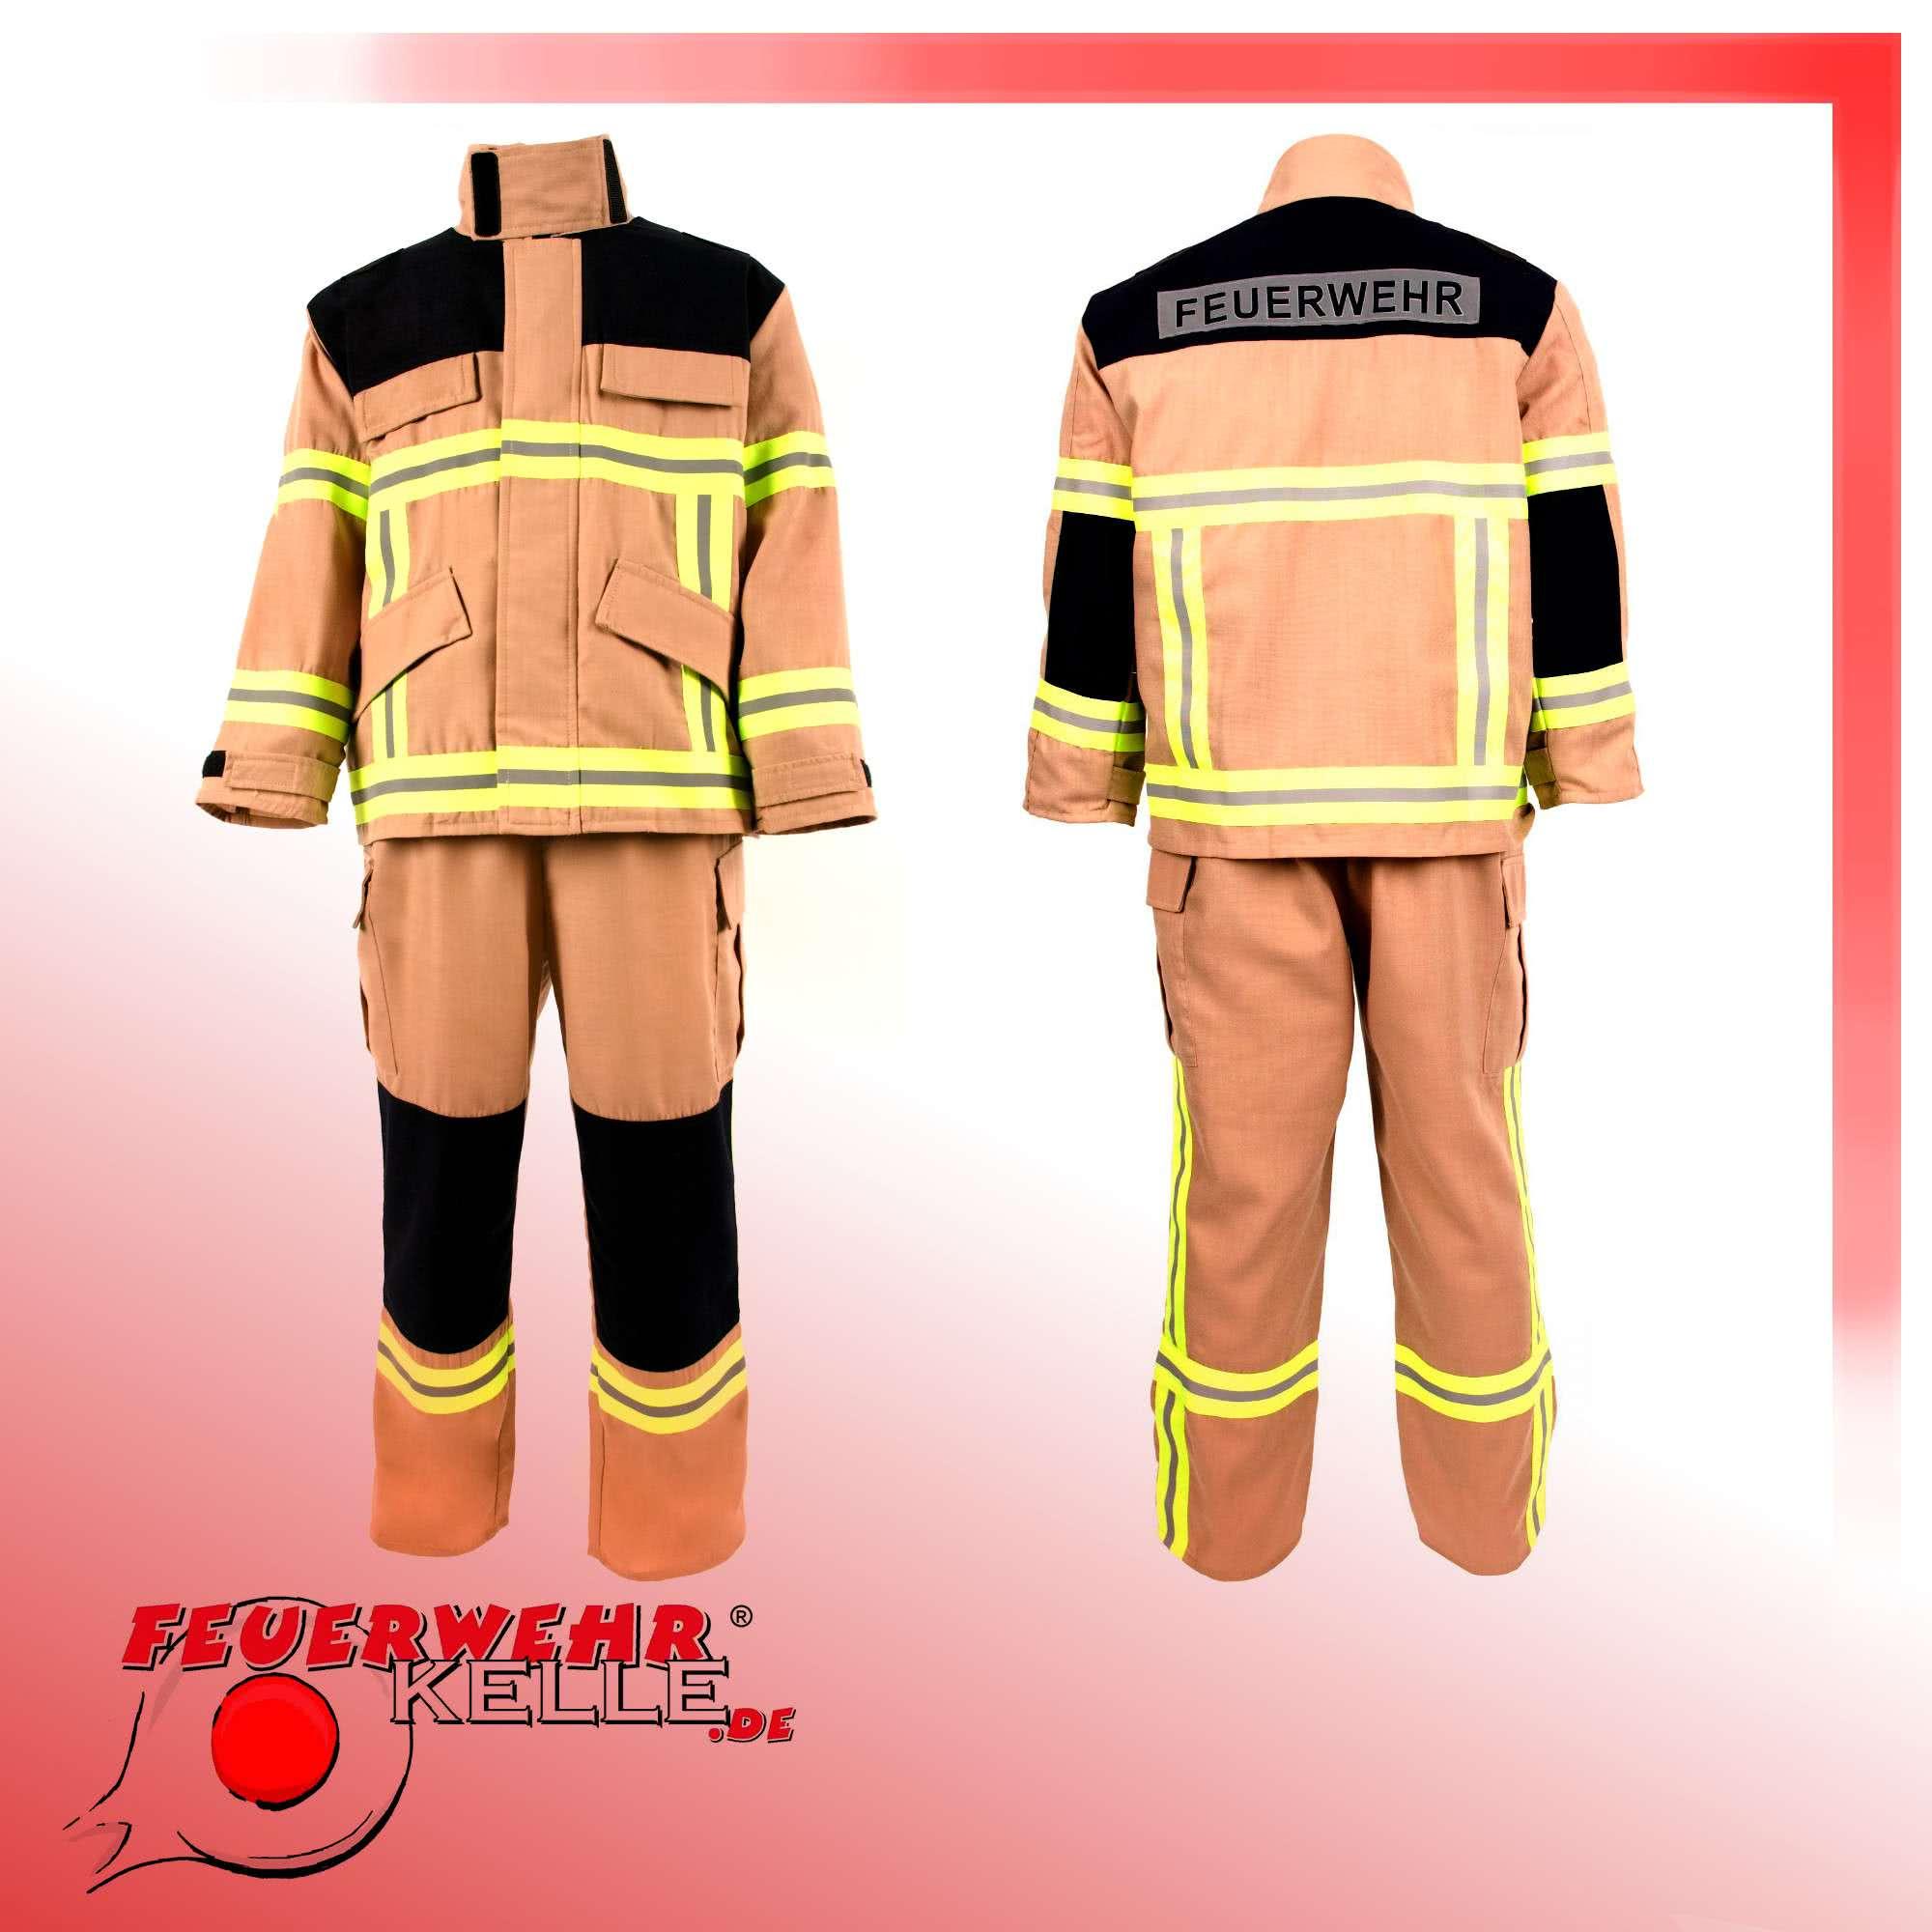 Feuerwehranzug Sandgelb / Beige Für Kinder über Kinder Feuerwehrkleidung